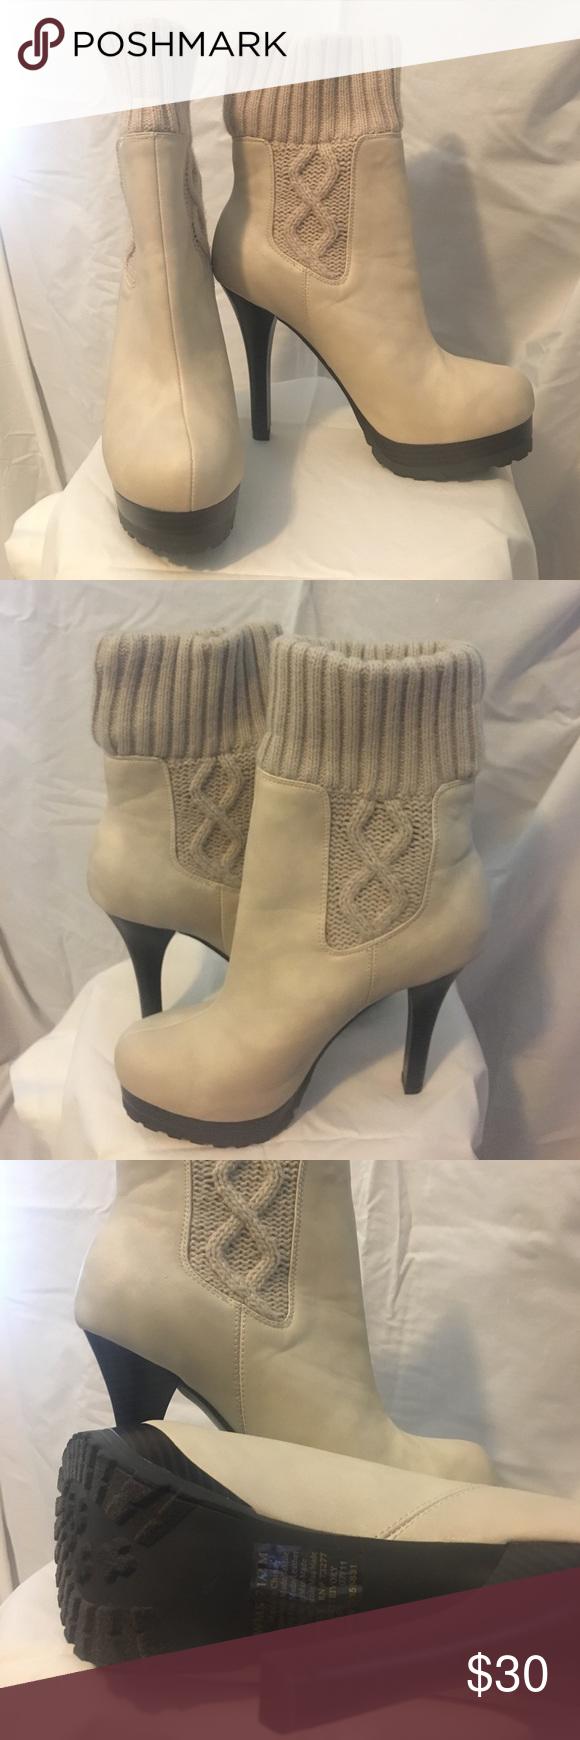 Jennifer Lopez Boots With Images Boots Jennifer Lopez Shoes Shoes Heels Boots